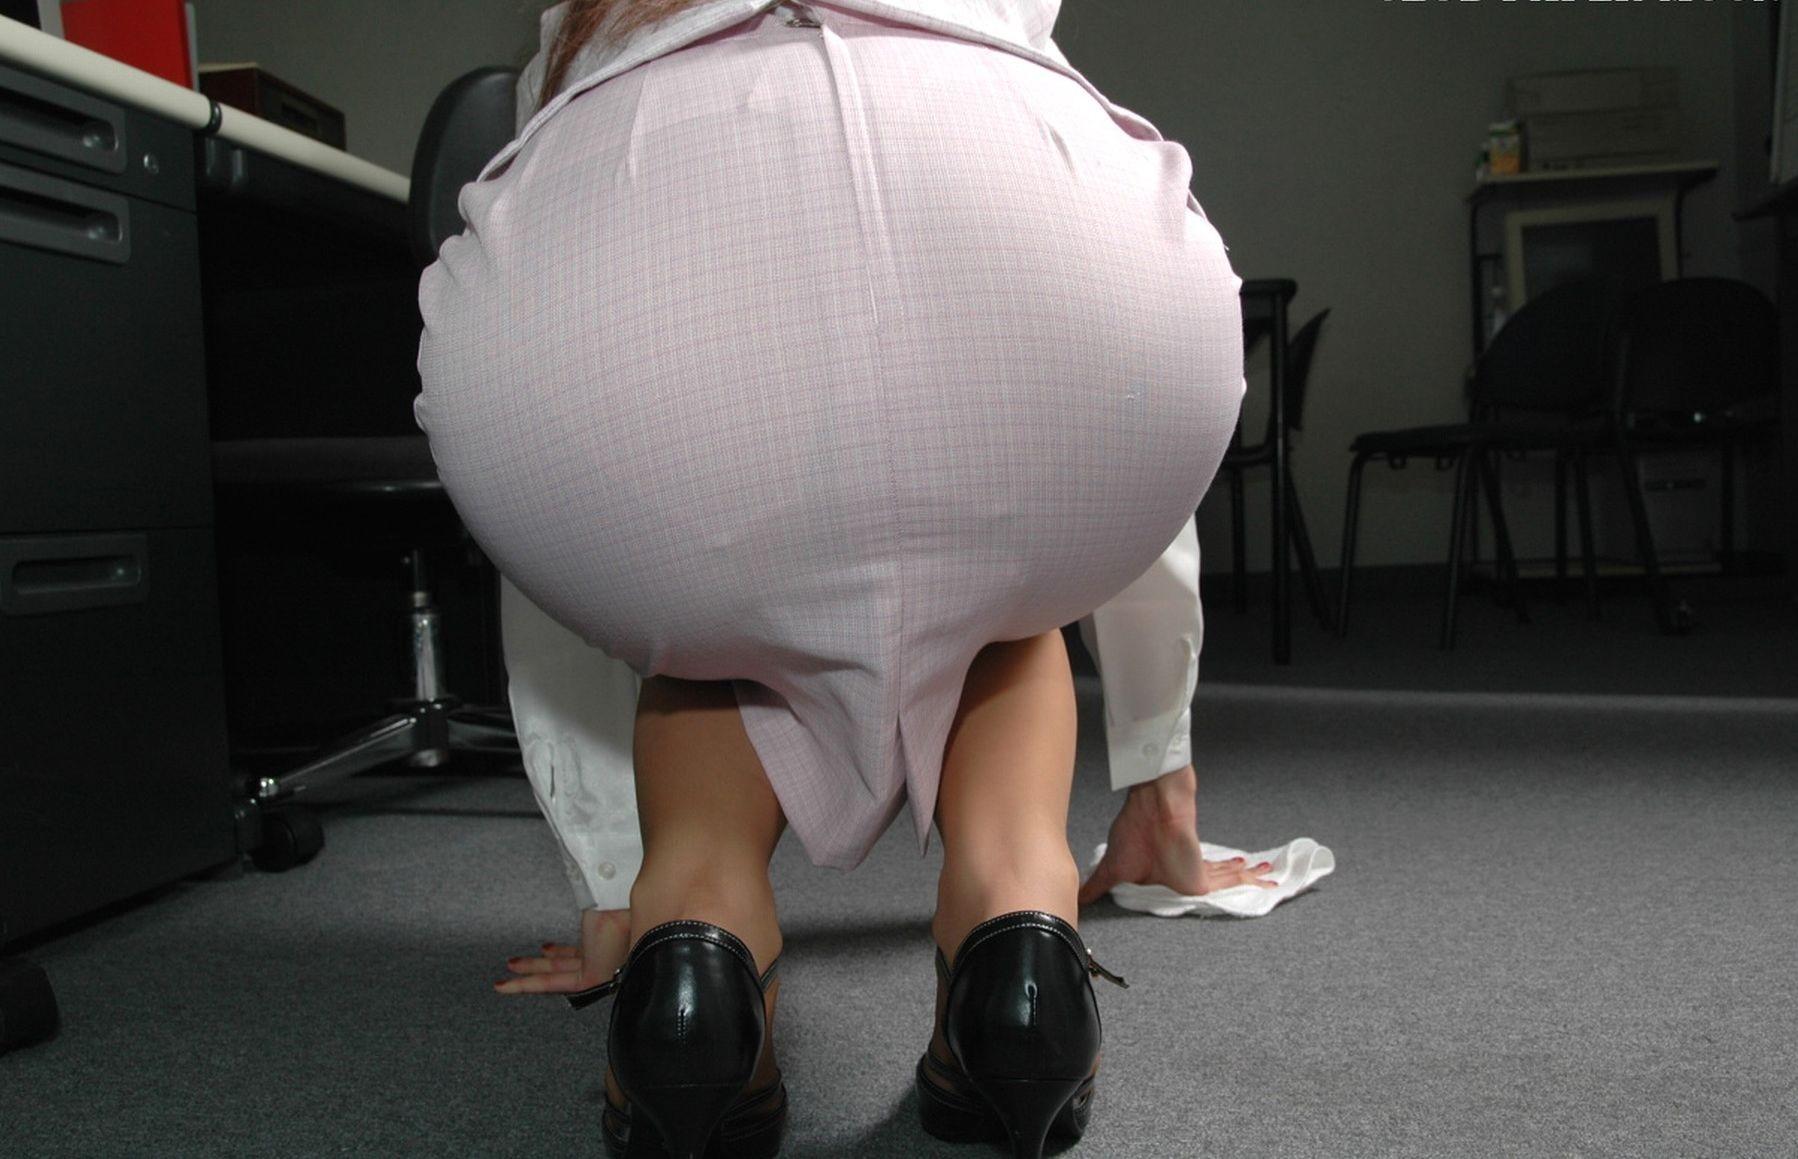 【OLエロ画像】履いていても主張が激しいwセクハラ誘うOLのタイト巨尻www 13